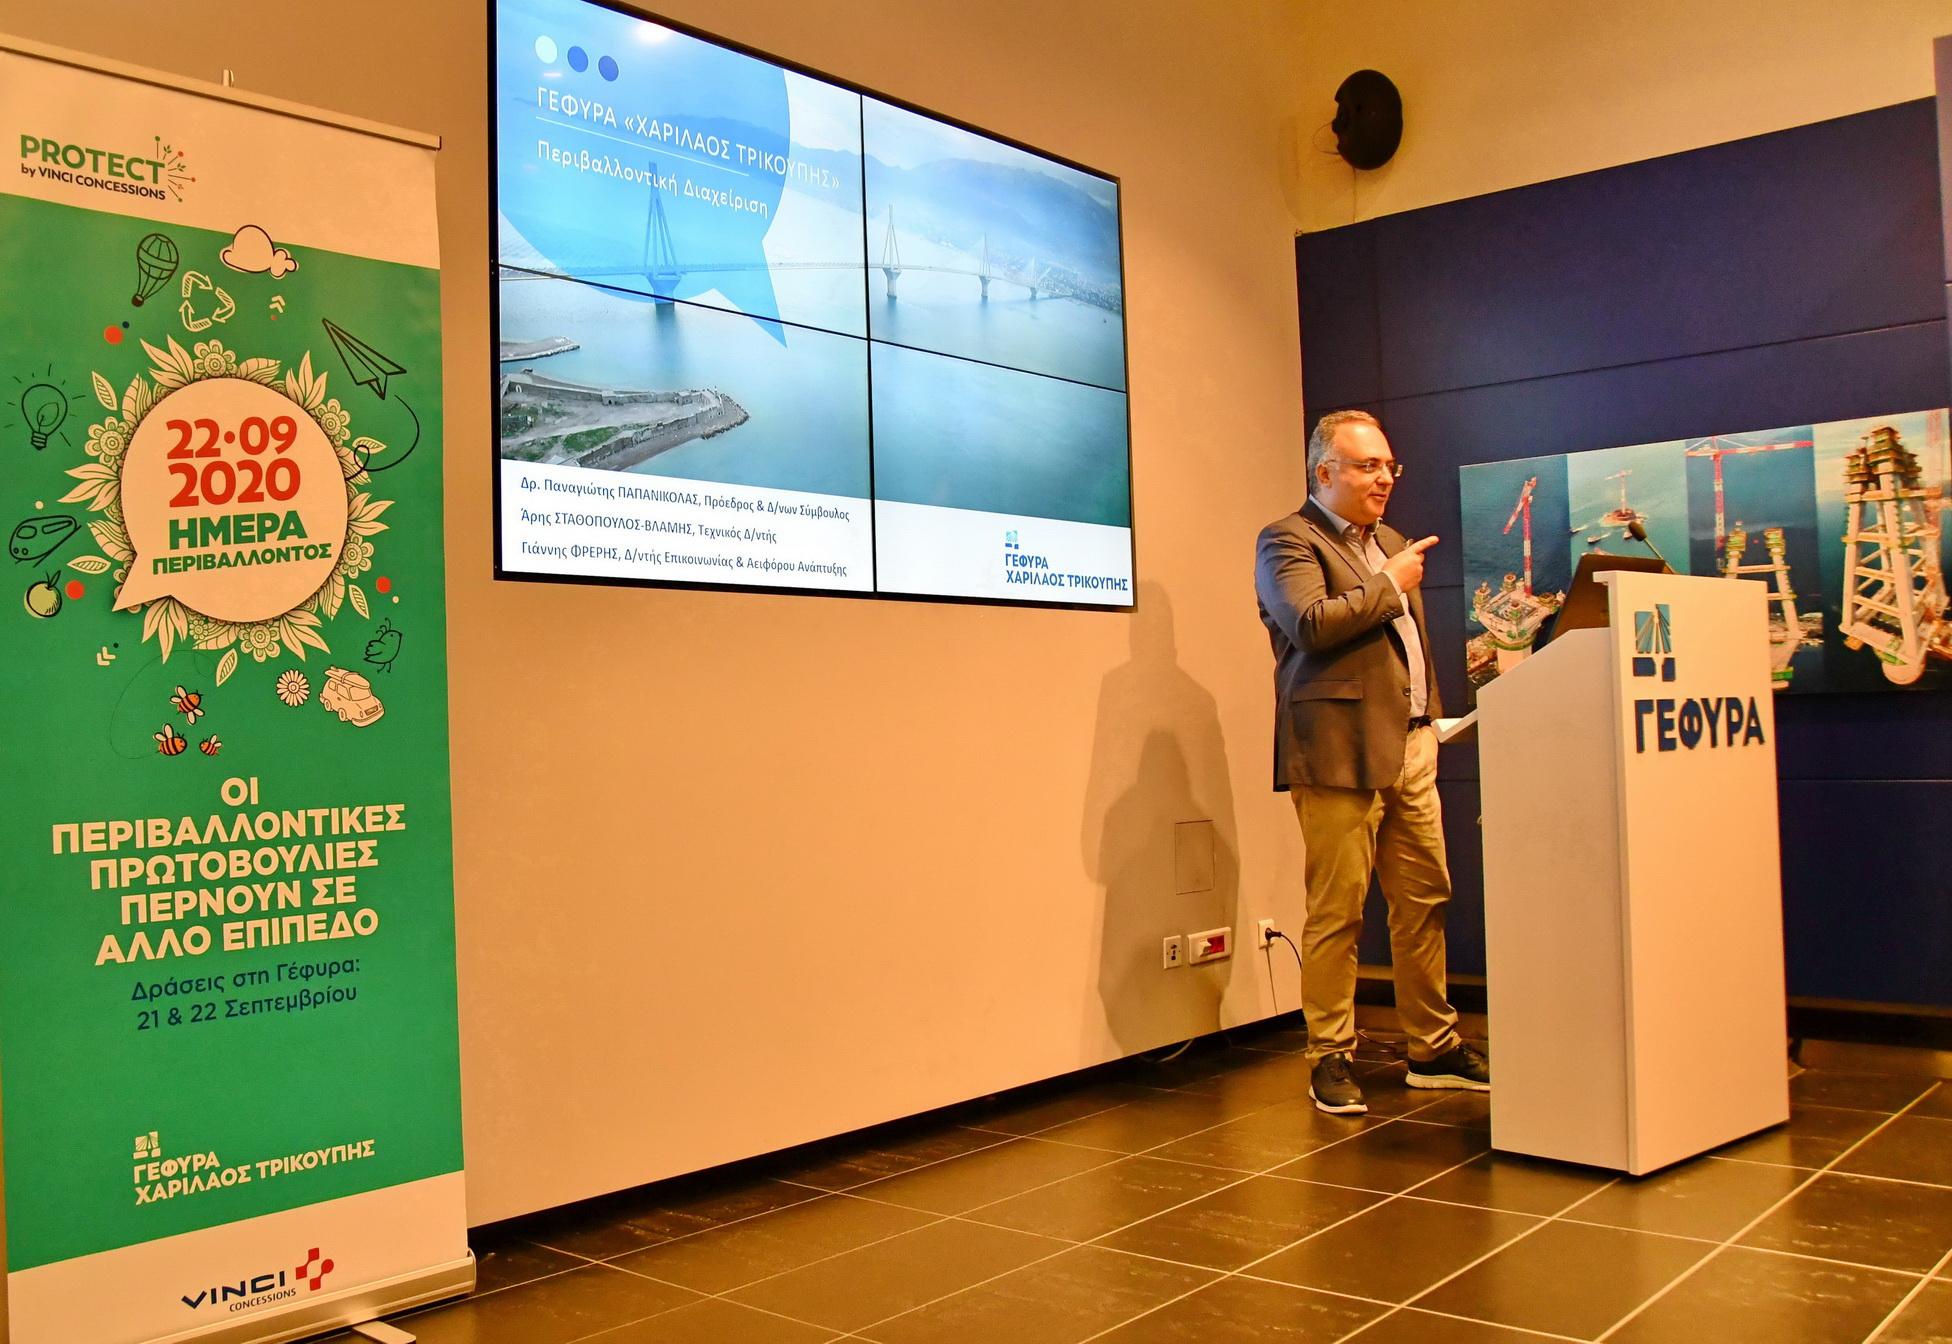 Στη γέφυρα «Χ. Τρικούπης» ο Περιφερειάρχης Ν. Φαρμάκης - «Πρωτοβουλίες πράσινης ανάπτυξης που μας δείχνουν το δρόμο…»